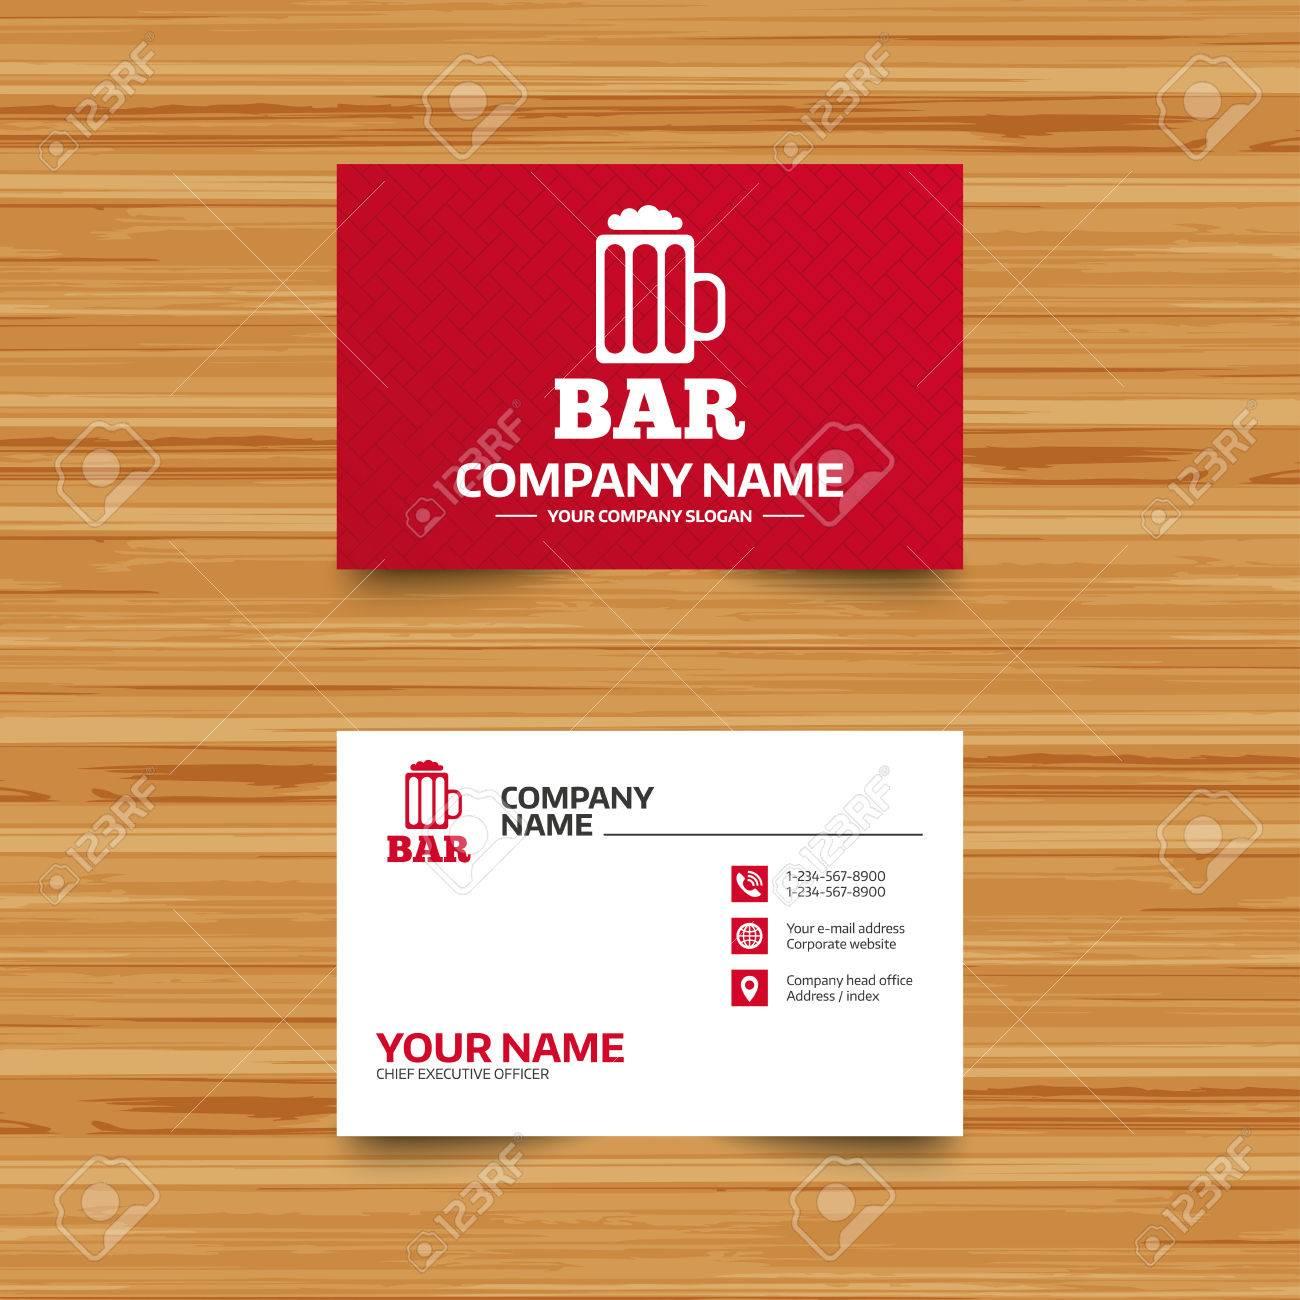 Modele De Carte Visite Bar Ou Signe Pub Icone Verre Symbole La Biere Alcool Boisson Telephone Globe Et Pointer Des Icones